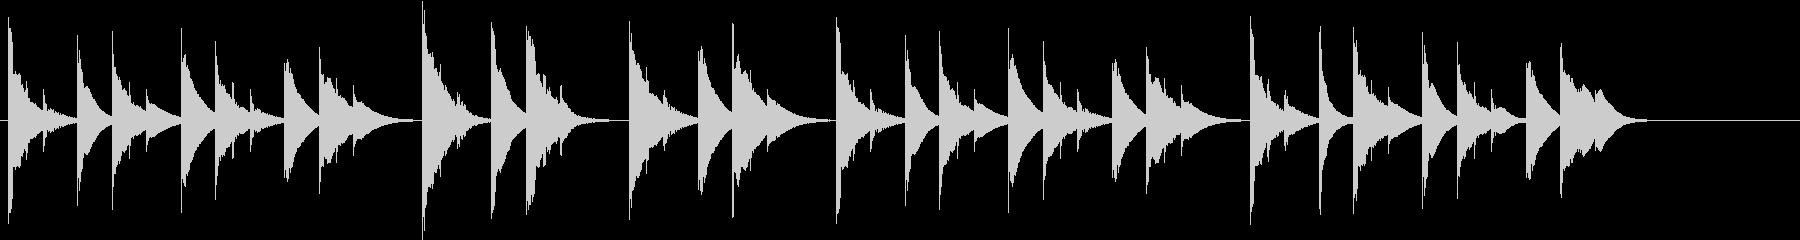 木琴の音色で作ったほのぼのとした曲の未再生の波形